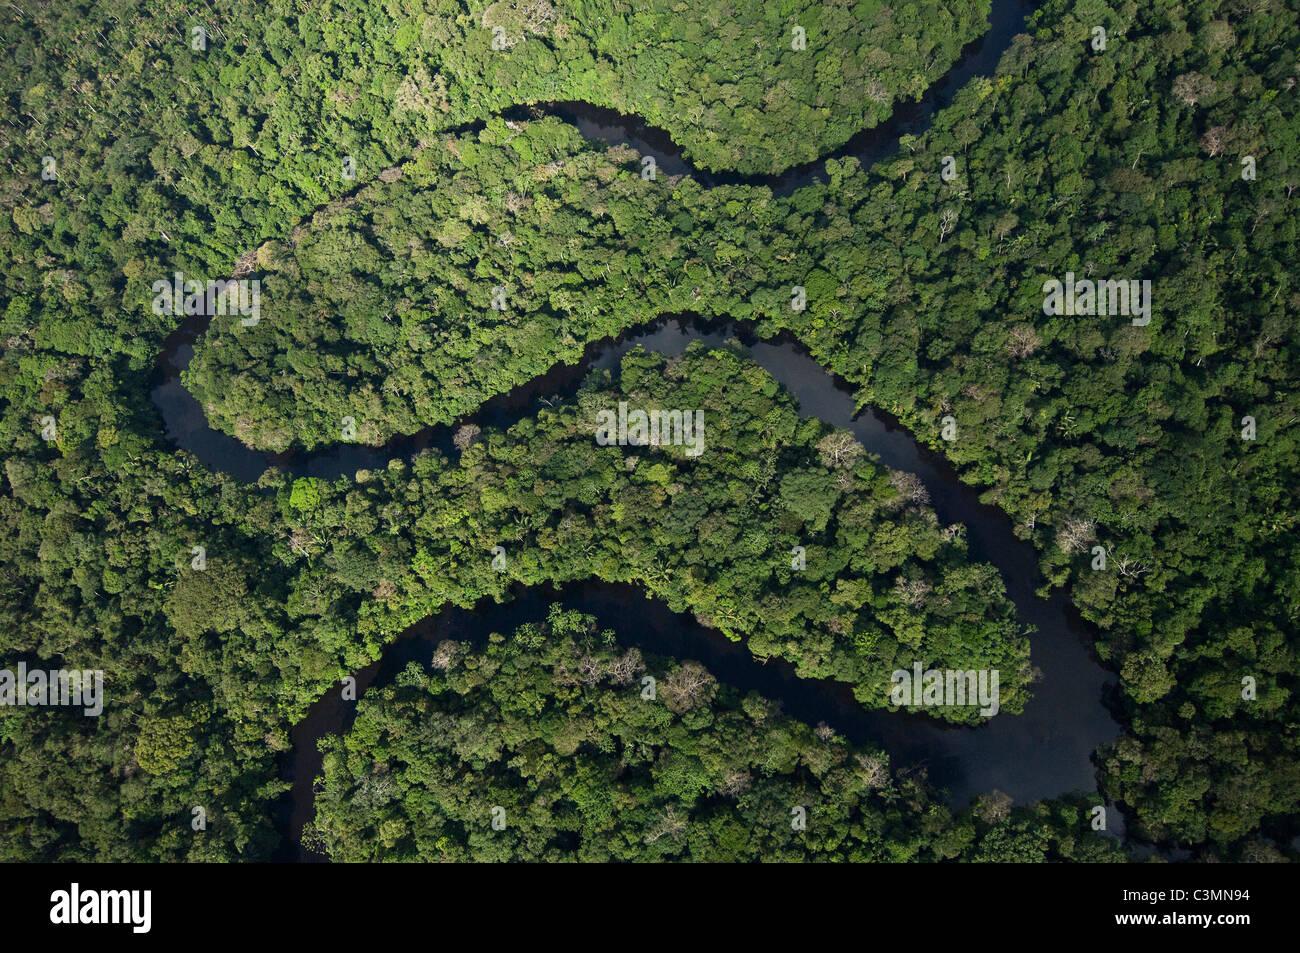 Rivière sinueuse dans la Réserve de Cuyabeno., Amazonasregenwald. Photo Stock